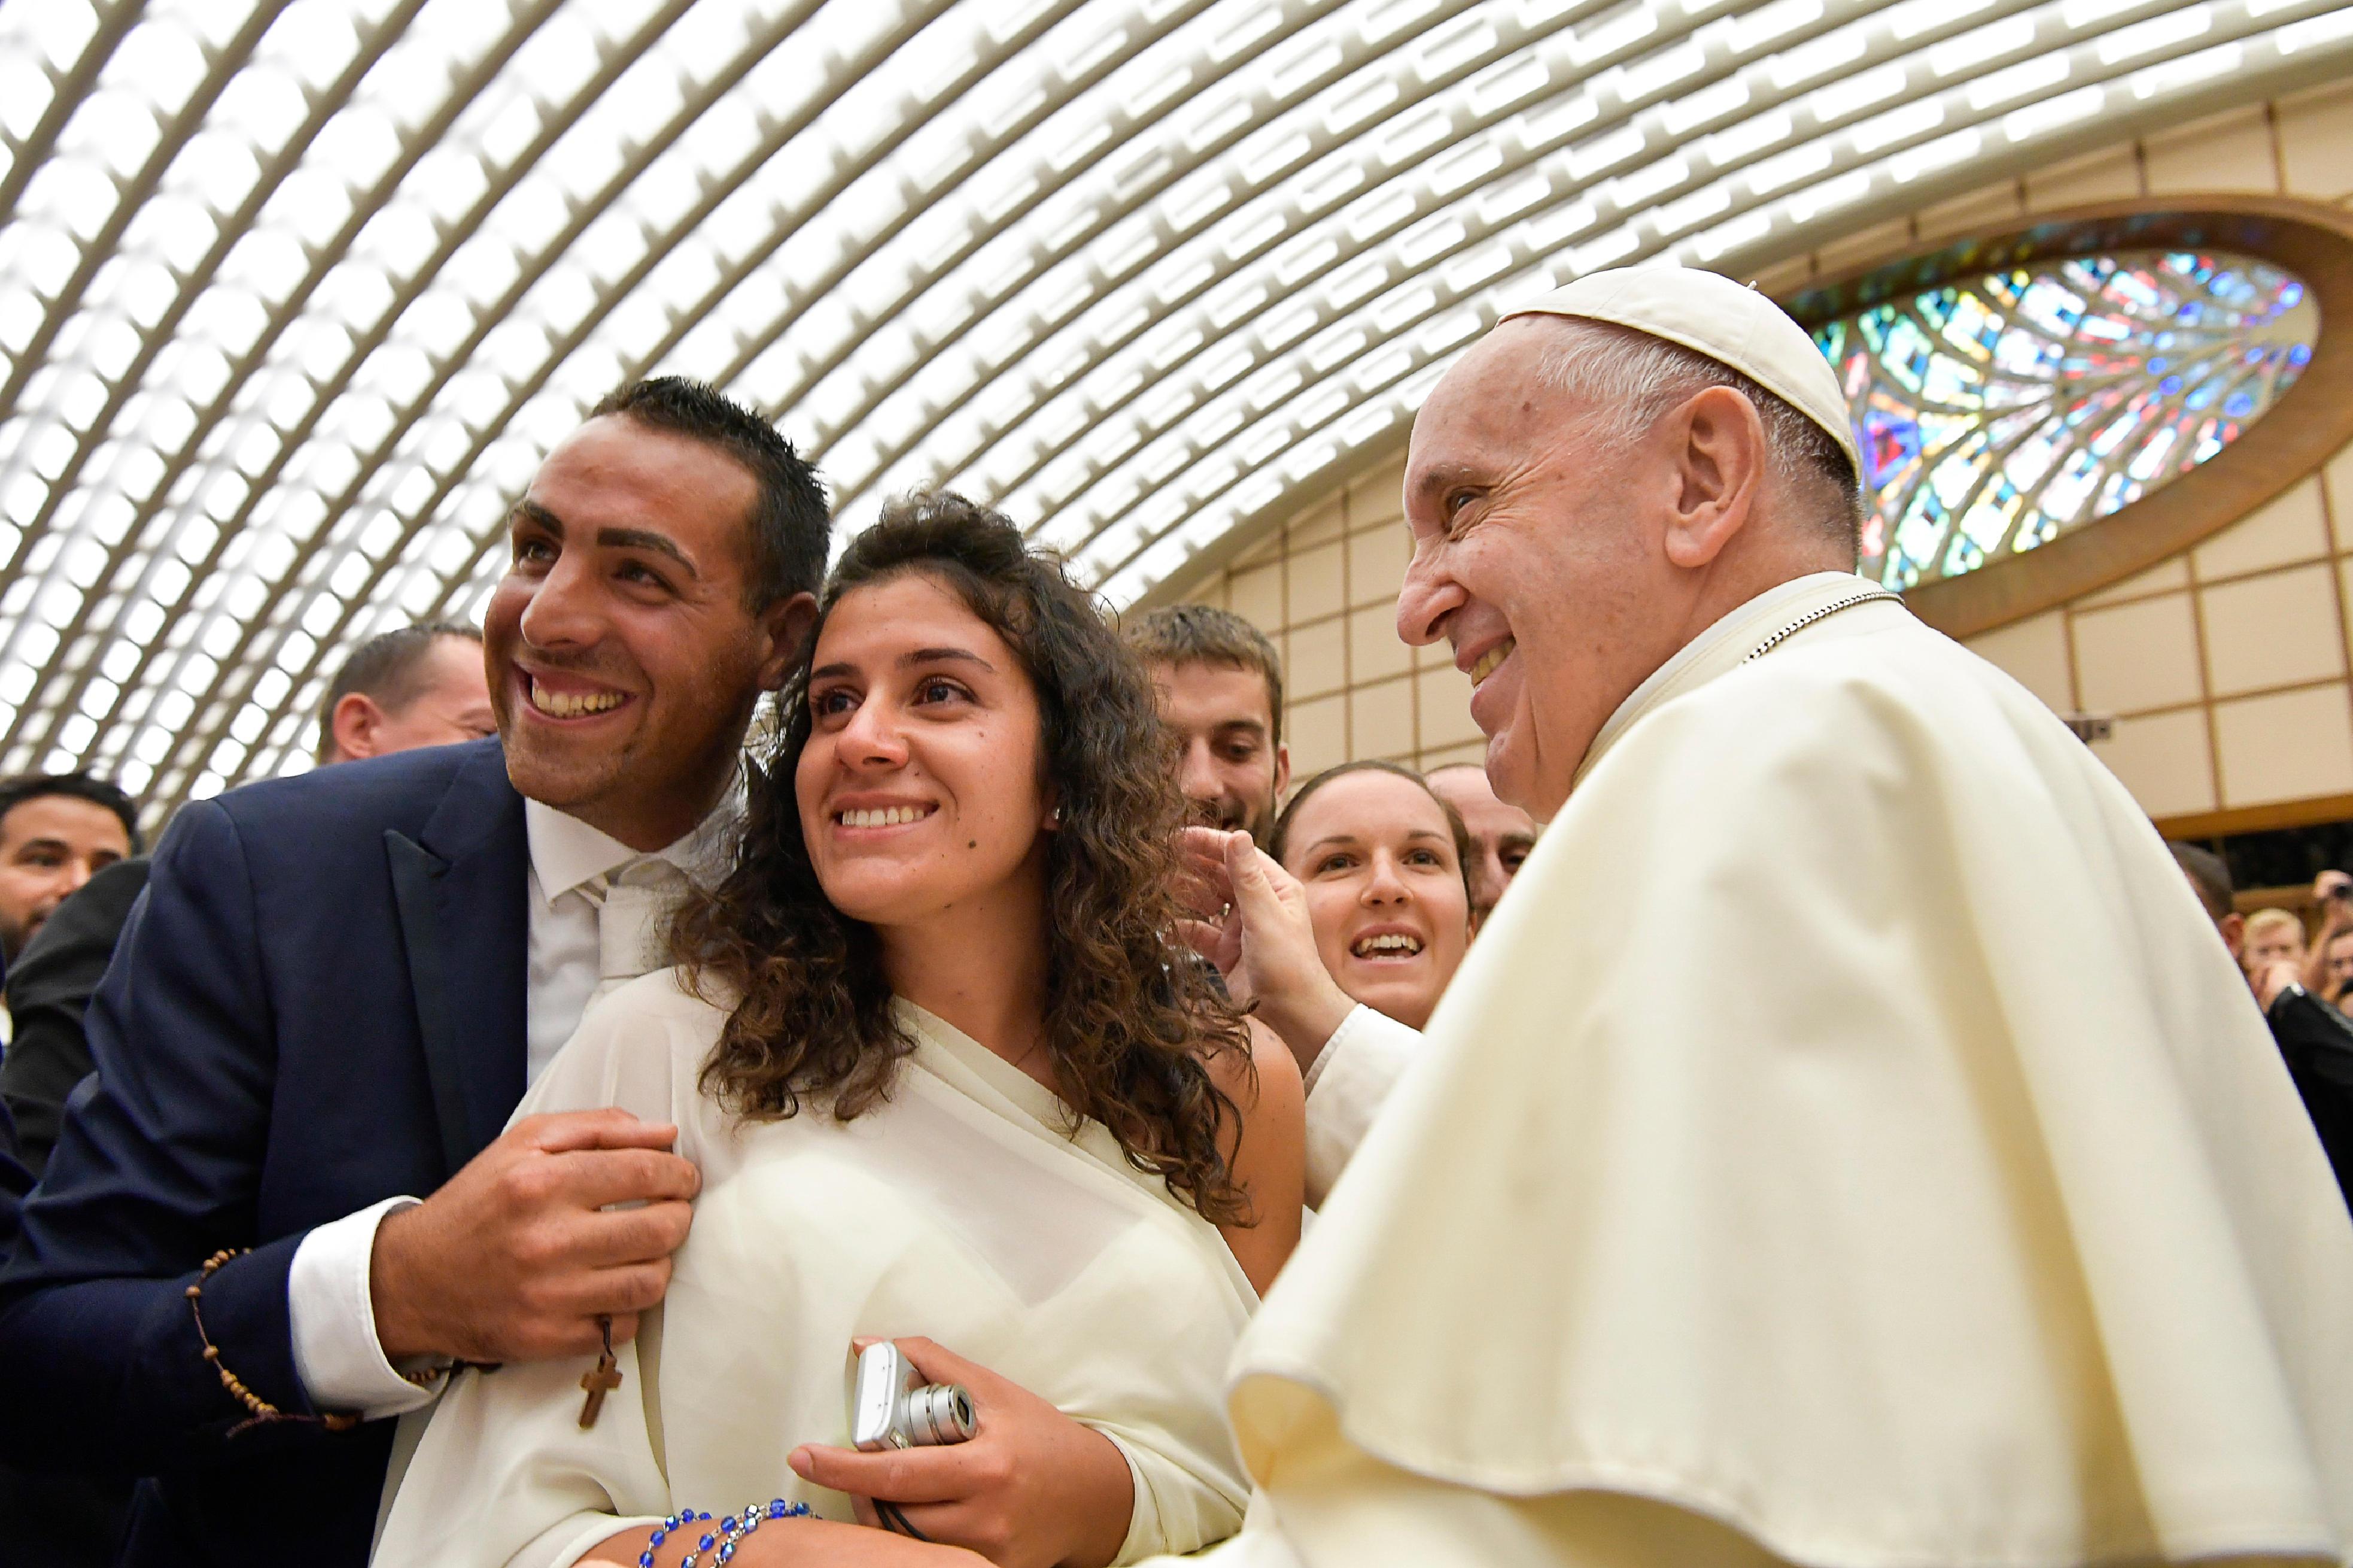 El Santo Padre saluda a una pareja de recién casados © Vatican Media